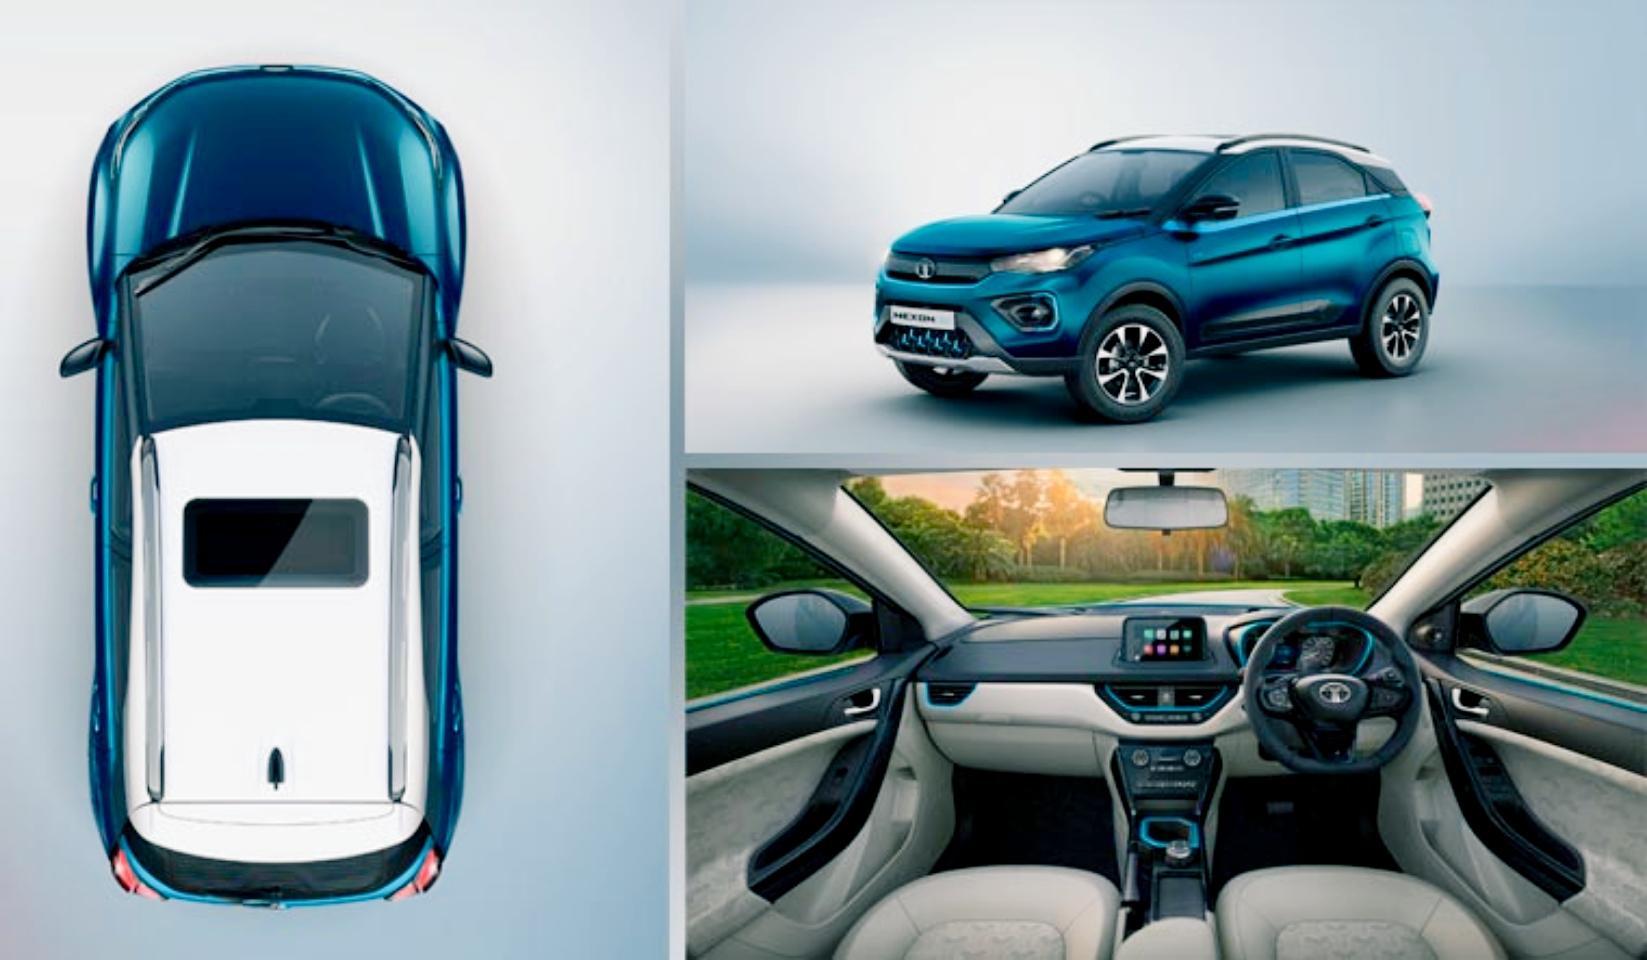 Mesmerizing features of Tata's Nexon EV